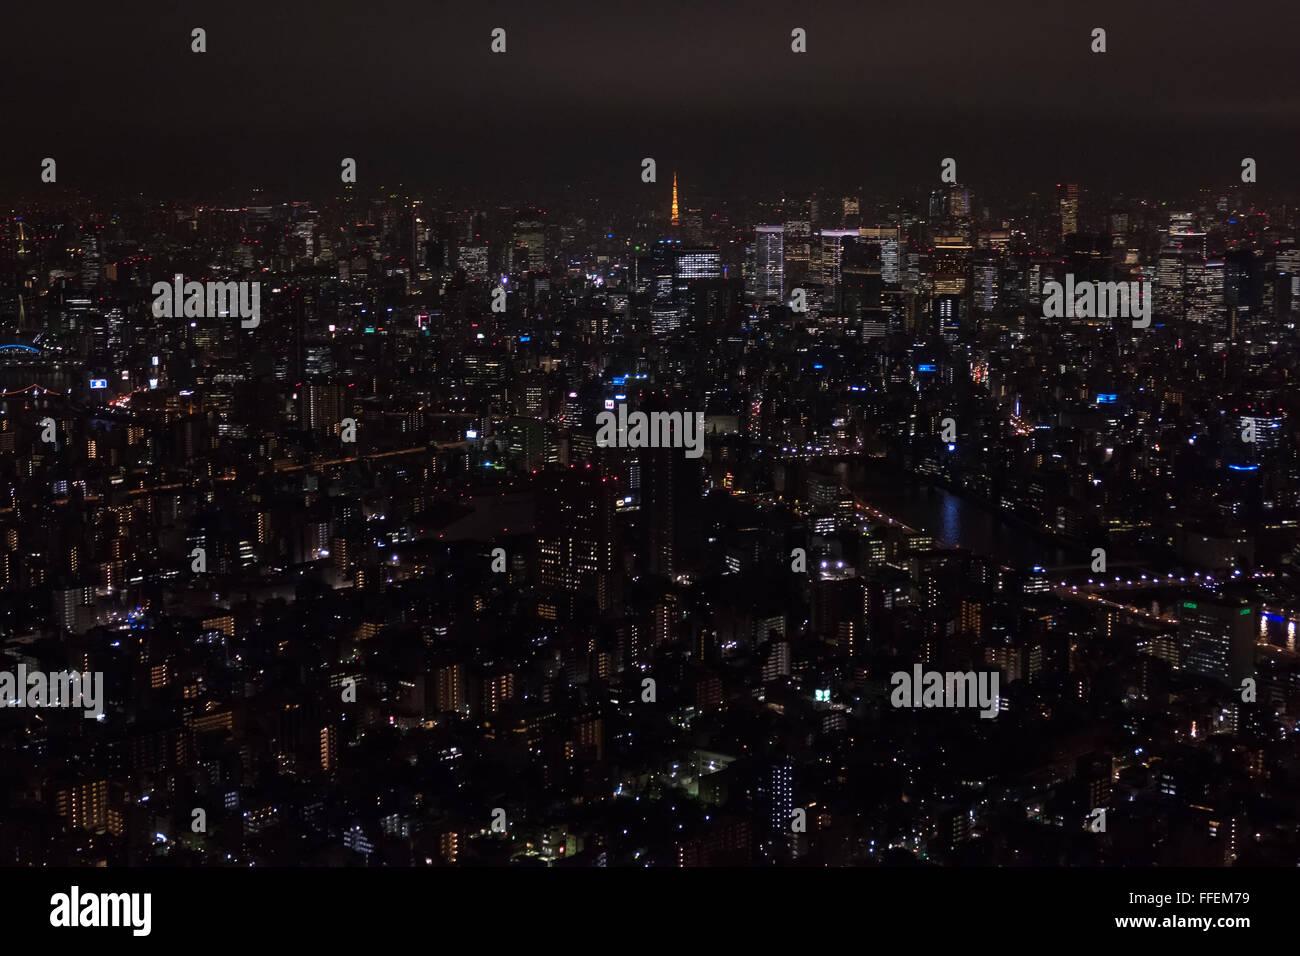 Tokio, Japón, Asia. Vista panorámica de la ciudad por la noche desde Skytree torre. Paisaje Urbano de Imagen De Stock